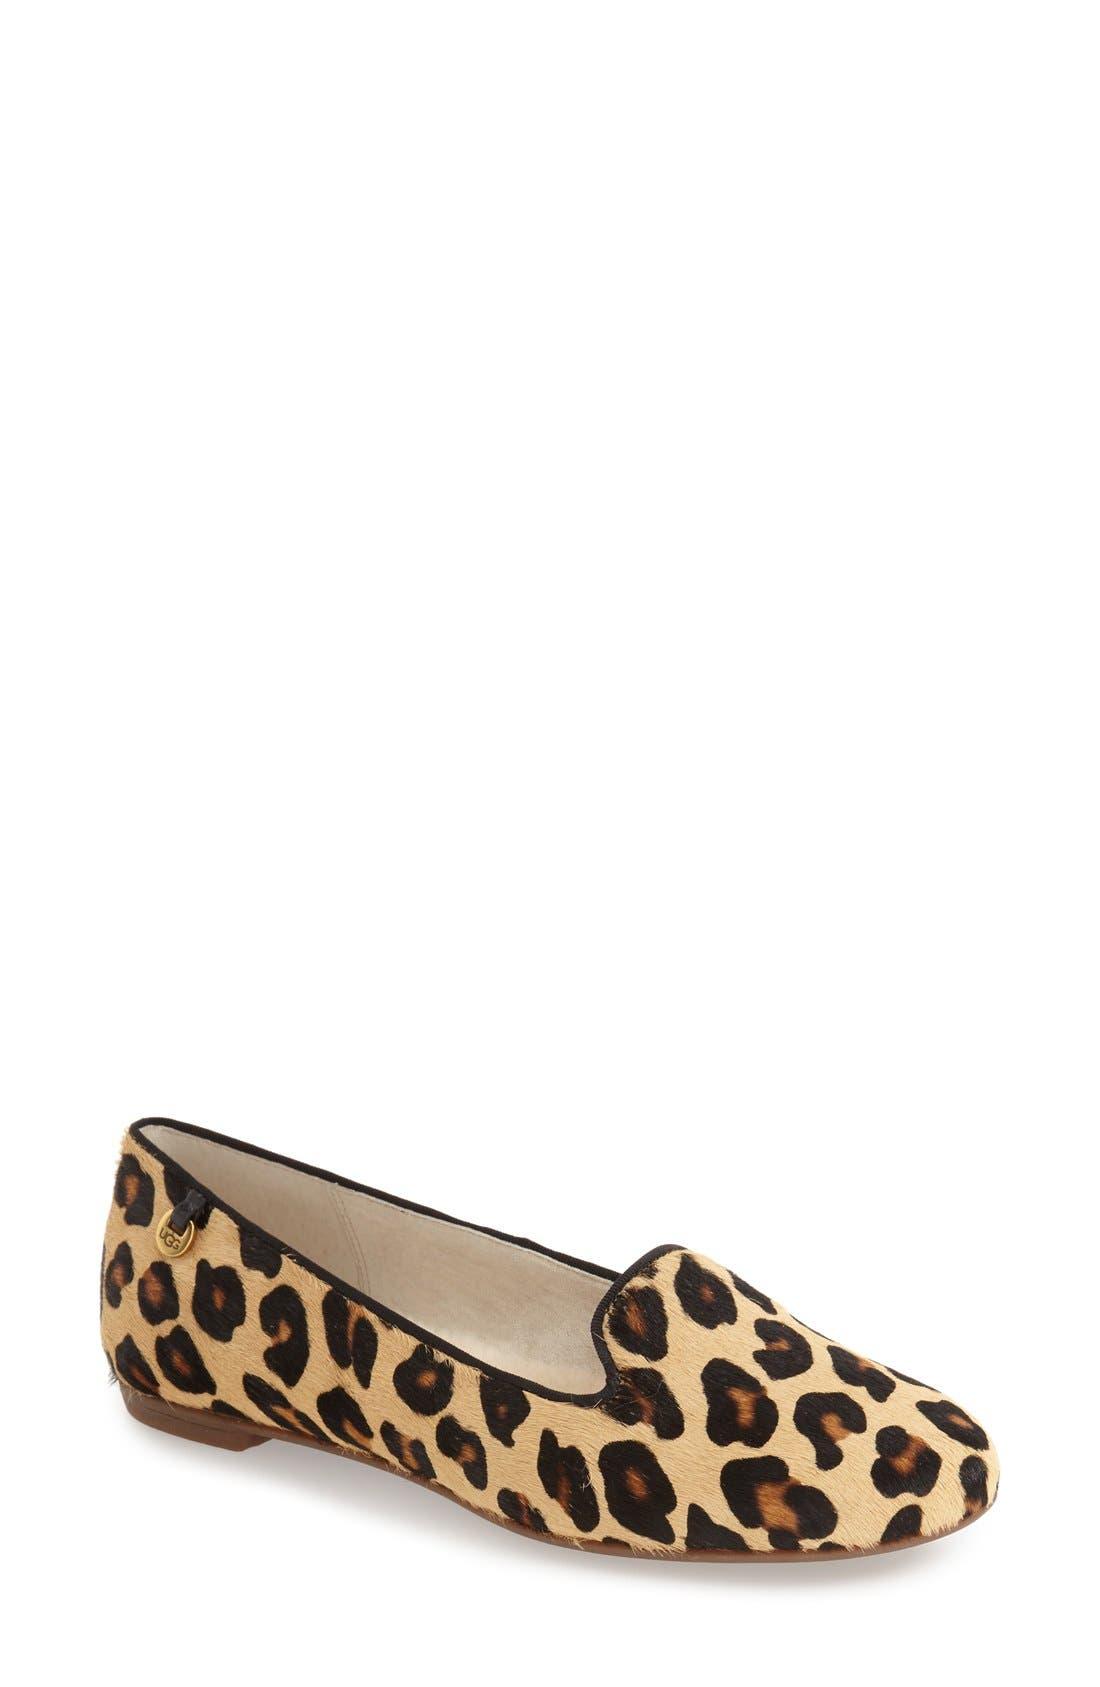 Main Image - UGG® 'Blyss' Leopard Spot Calf Hair Flat (Women)